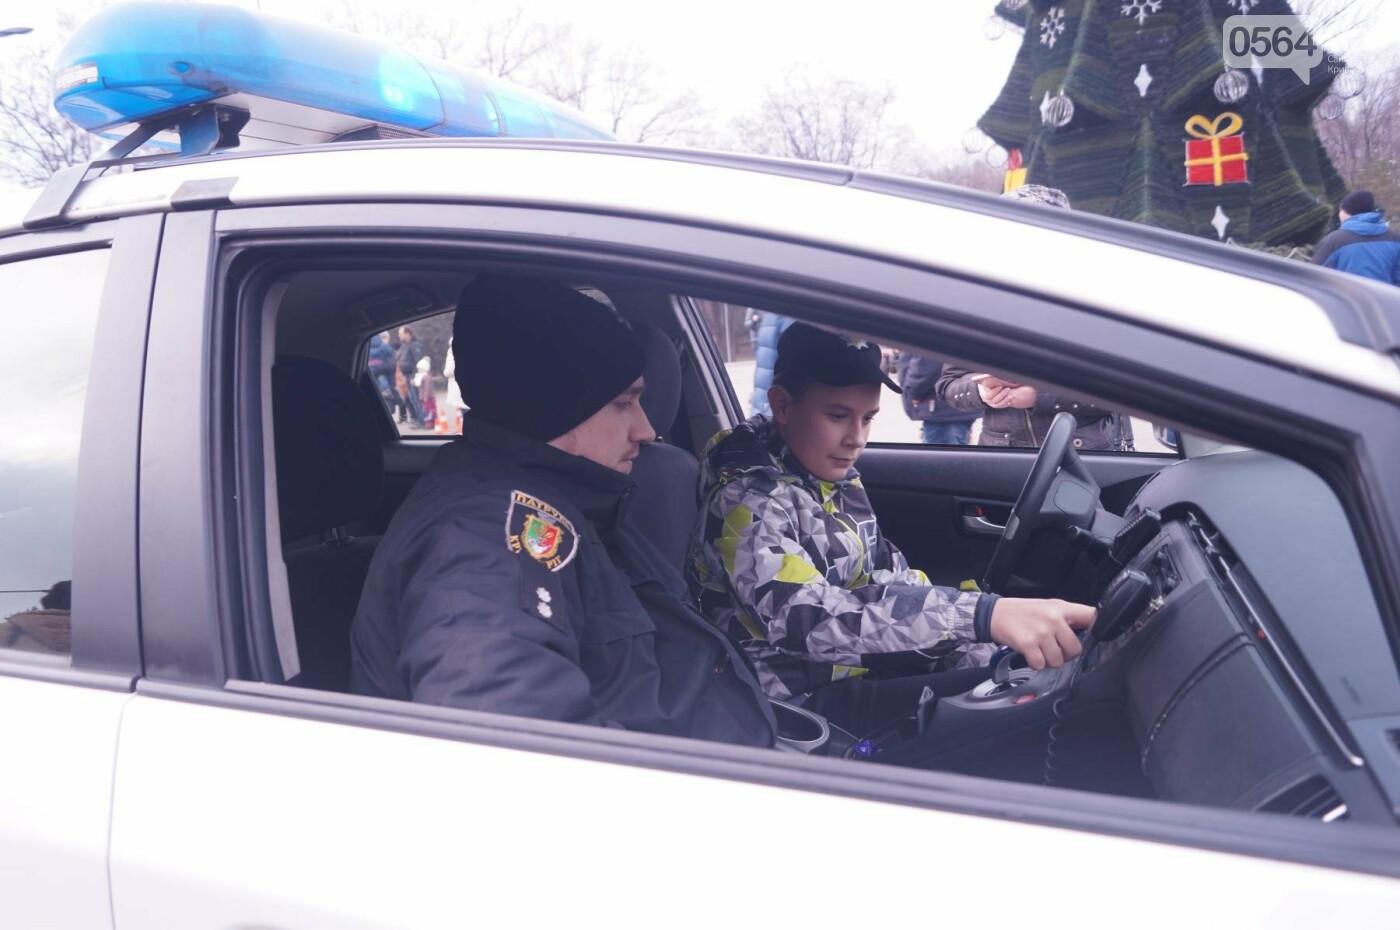 Встреча криворожских полицейских с детьми закончилась преждевременно (ФОТО), фото-14